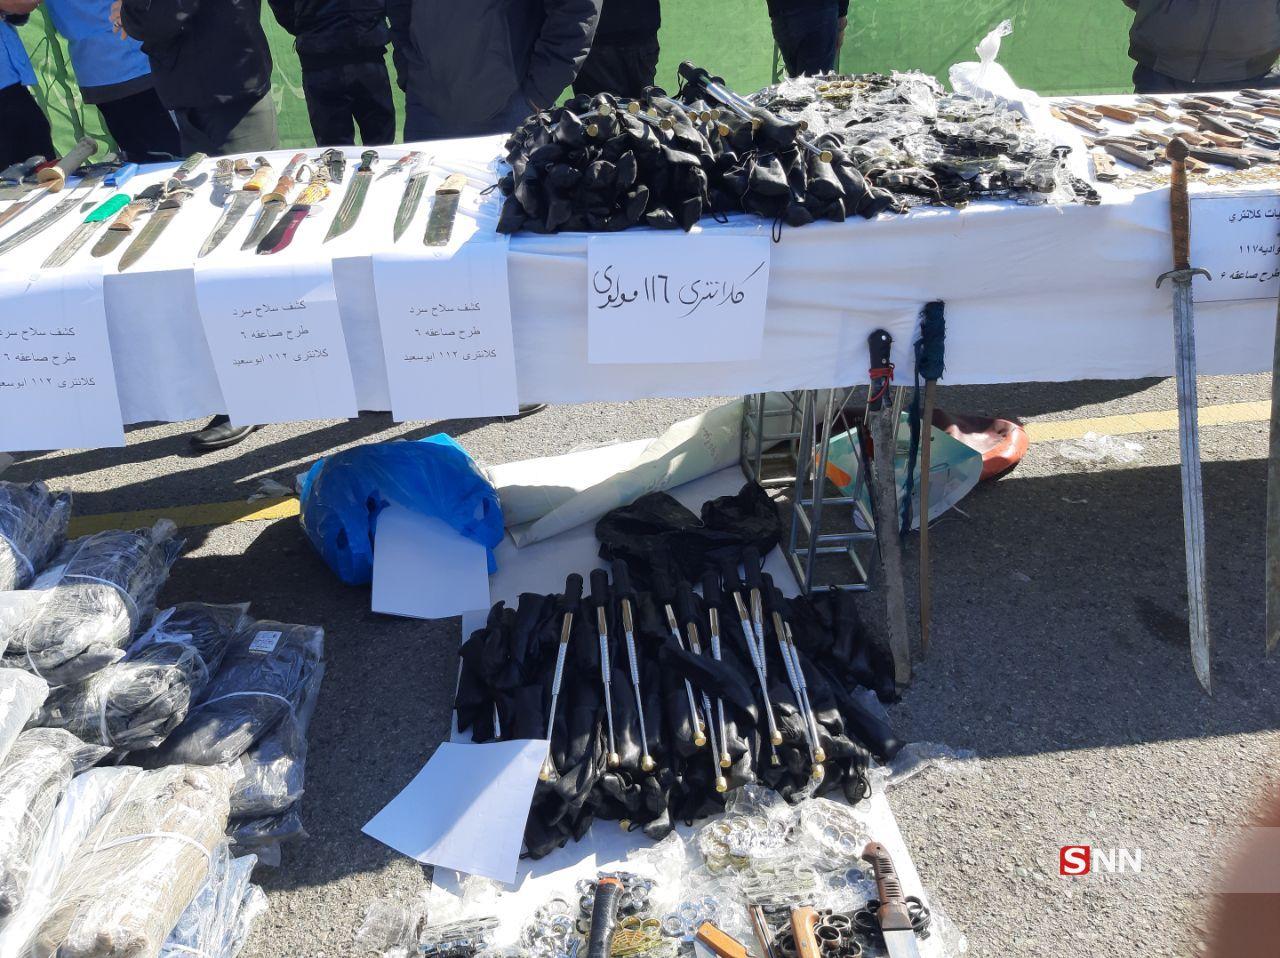 شناسایی و پلمپ کارگاه تولید سلاح سرد در جنوب تهران/ تصاویر